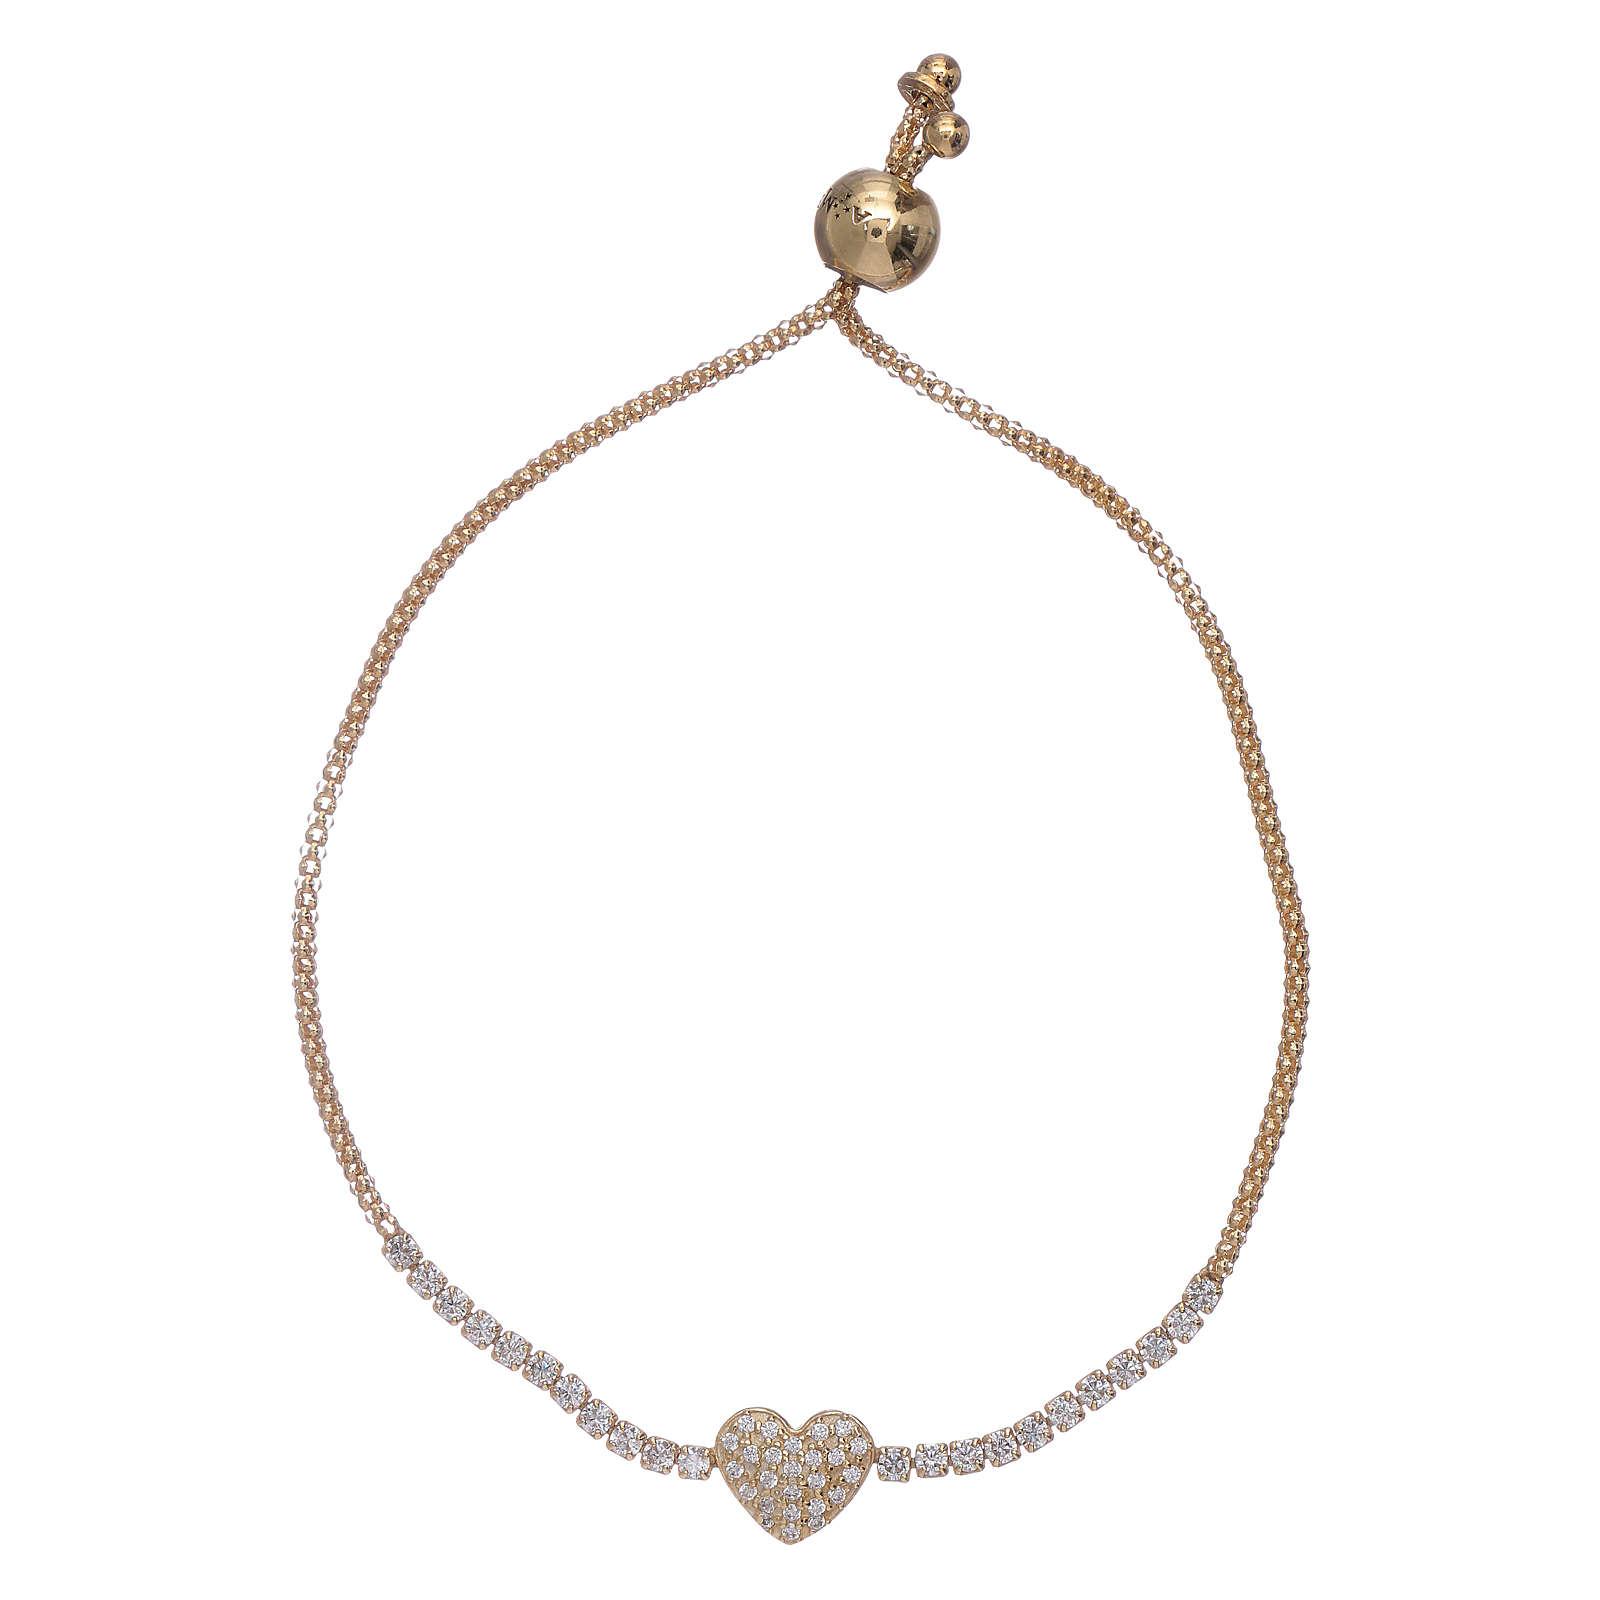 Bracciale arg 925 dorato AMEN cuore zirconi bianchi 4